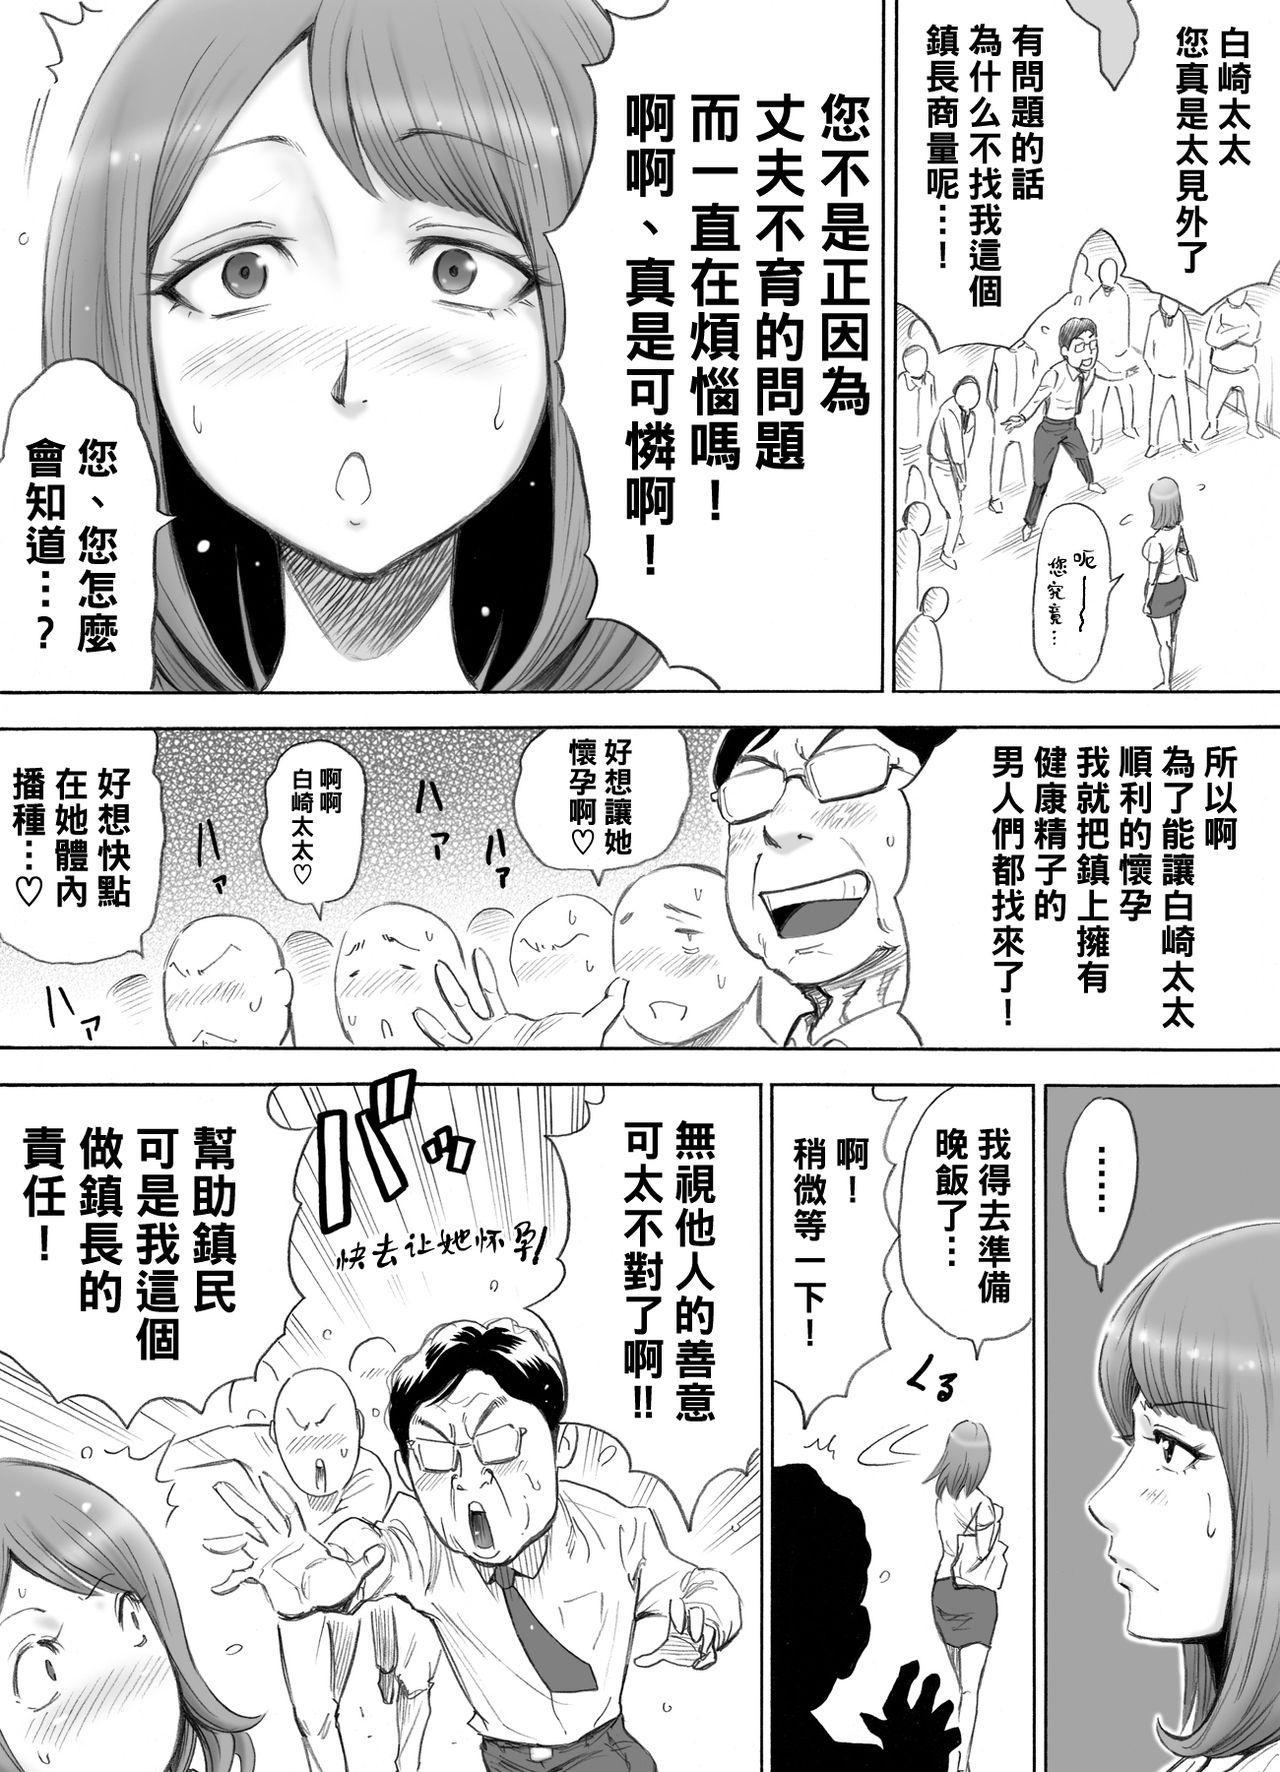 Aka-chan ga Hoshii Hitozuma o Chounai Minna de Haramaseyou 6